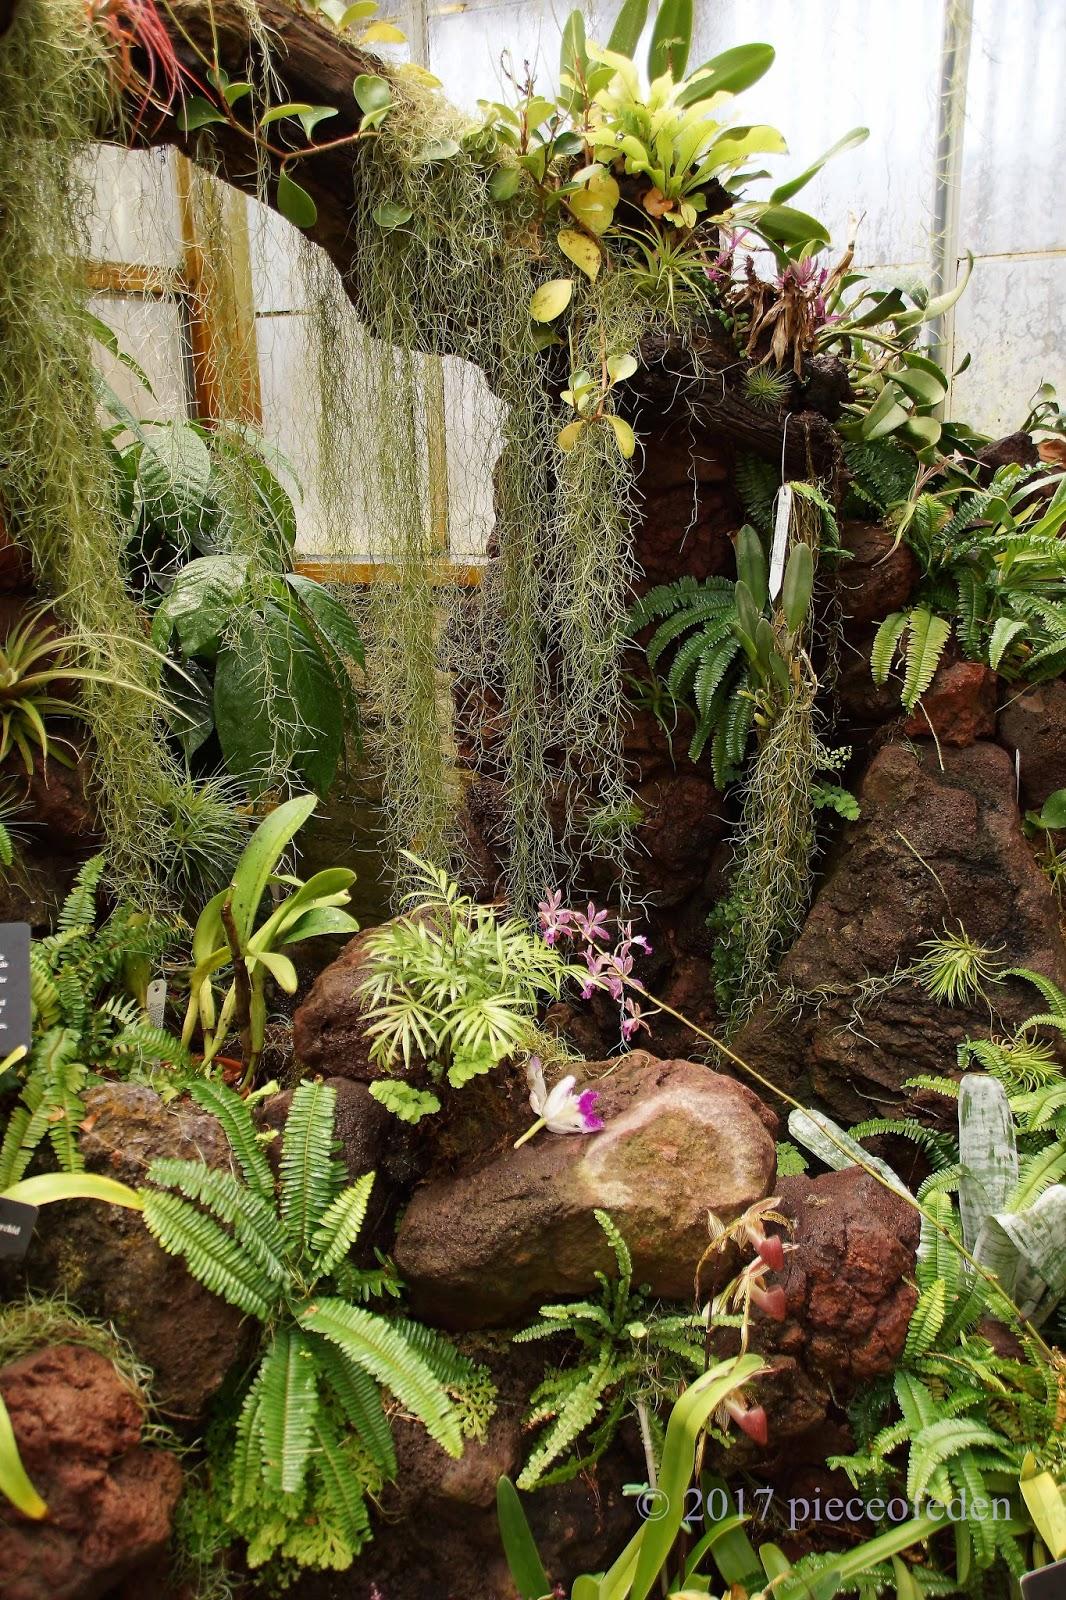 Sherman Garden\'s Lush Tropical Greenhouse